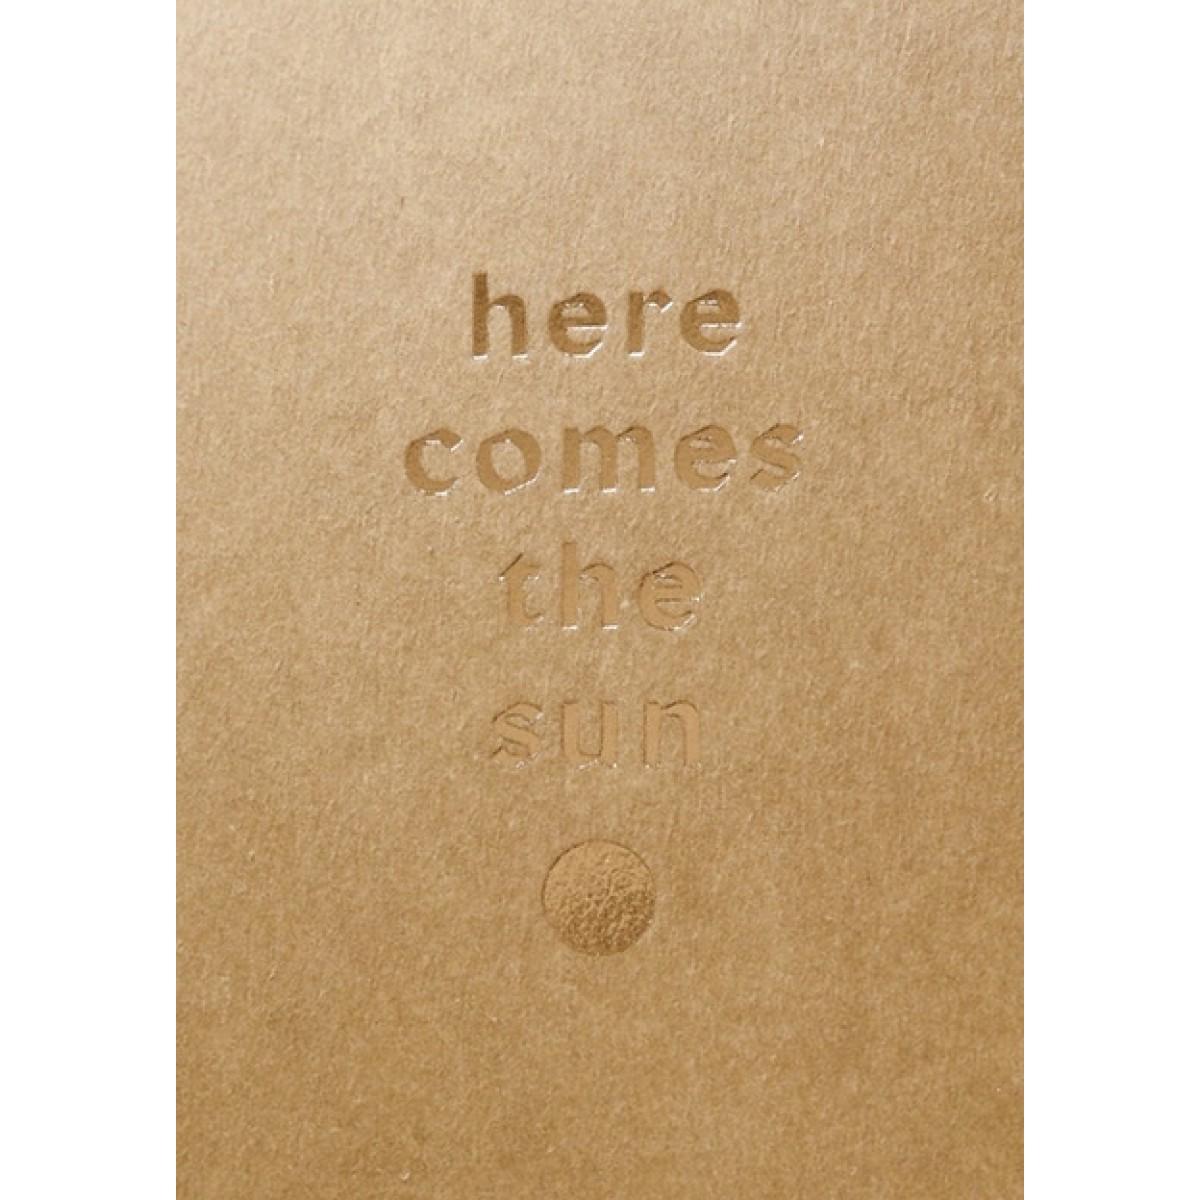 HERE COMES THE SUN - A5 Print - Letterpress – Anna Cosma